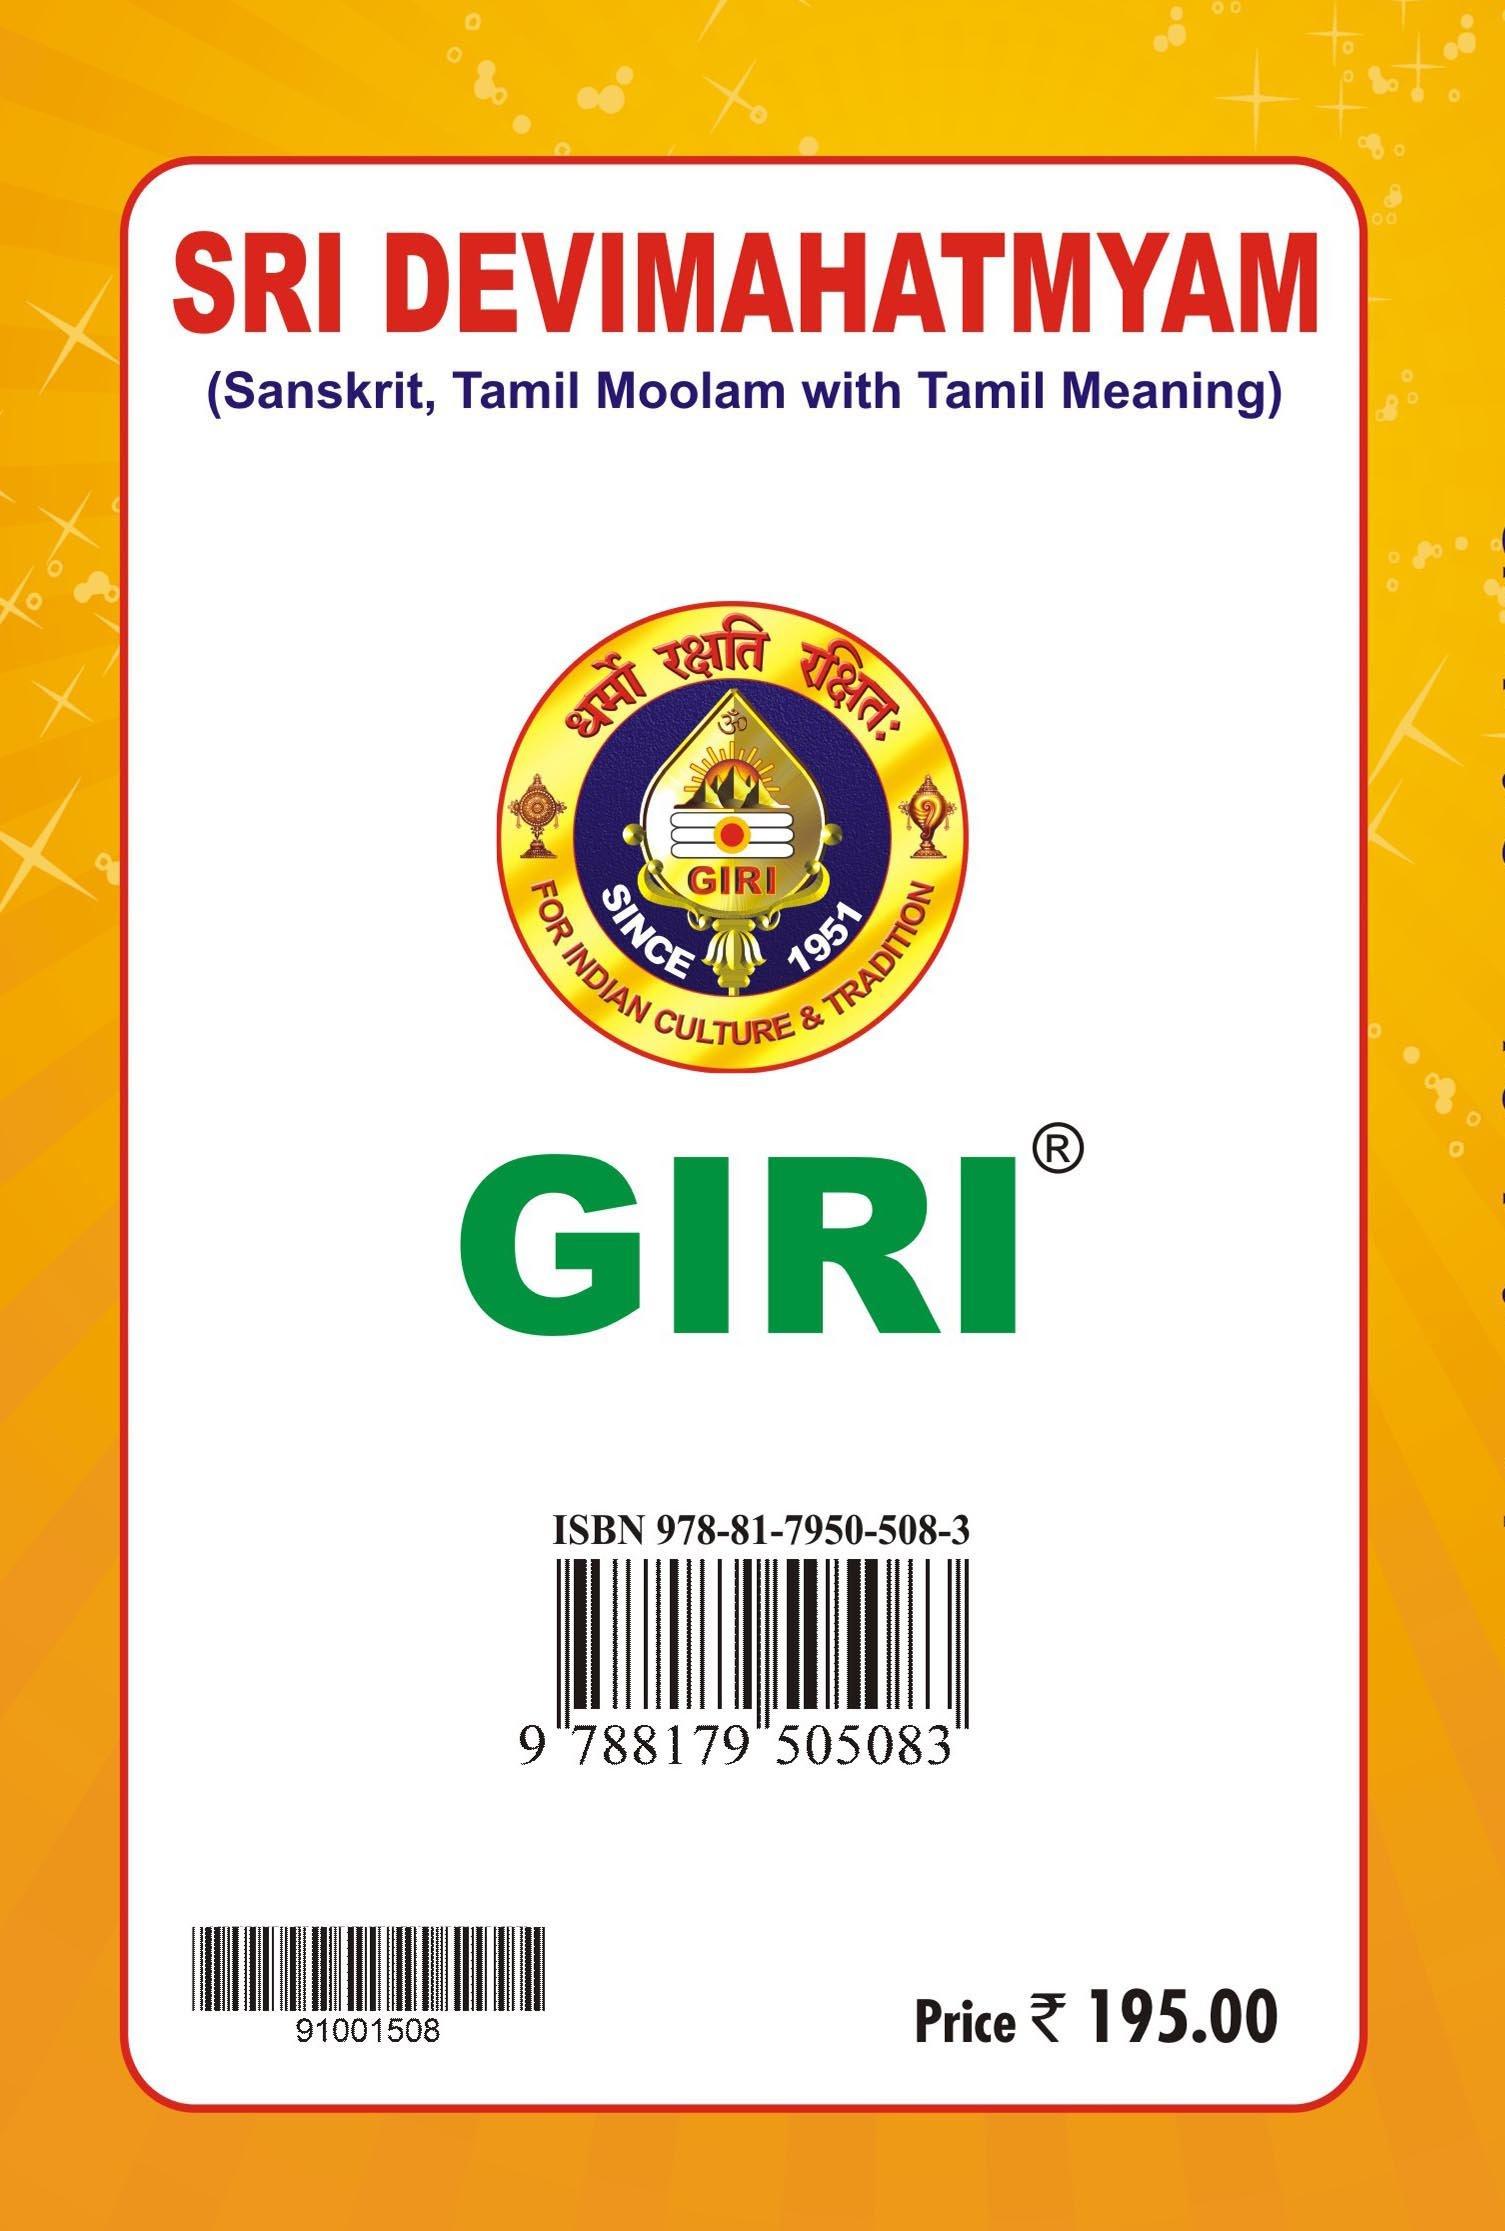 Buy Sri Devimahatmyam (Sanskrit, Tamil Moolam with Tamil